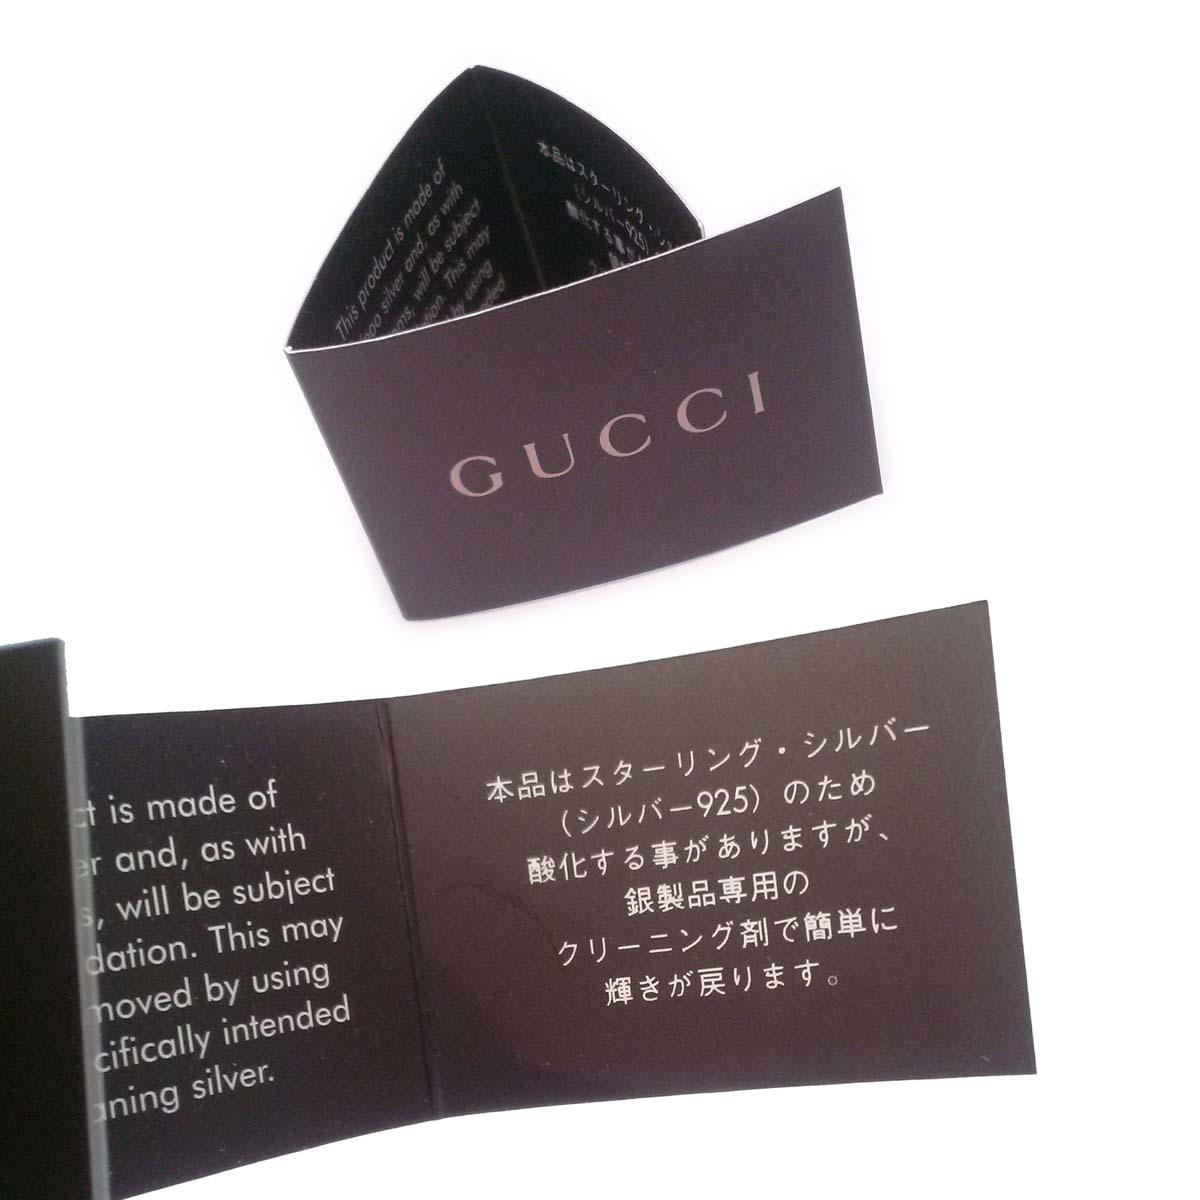 【美品】グッチ ブレスレット Ag925 チェーン19cm バープレート イタリア製 メンズ レディース 箱 保存袋 appre6003【一撃即決】_画像7